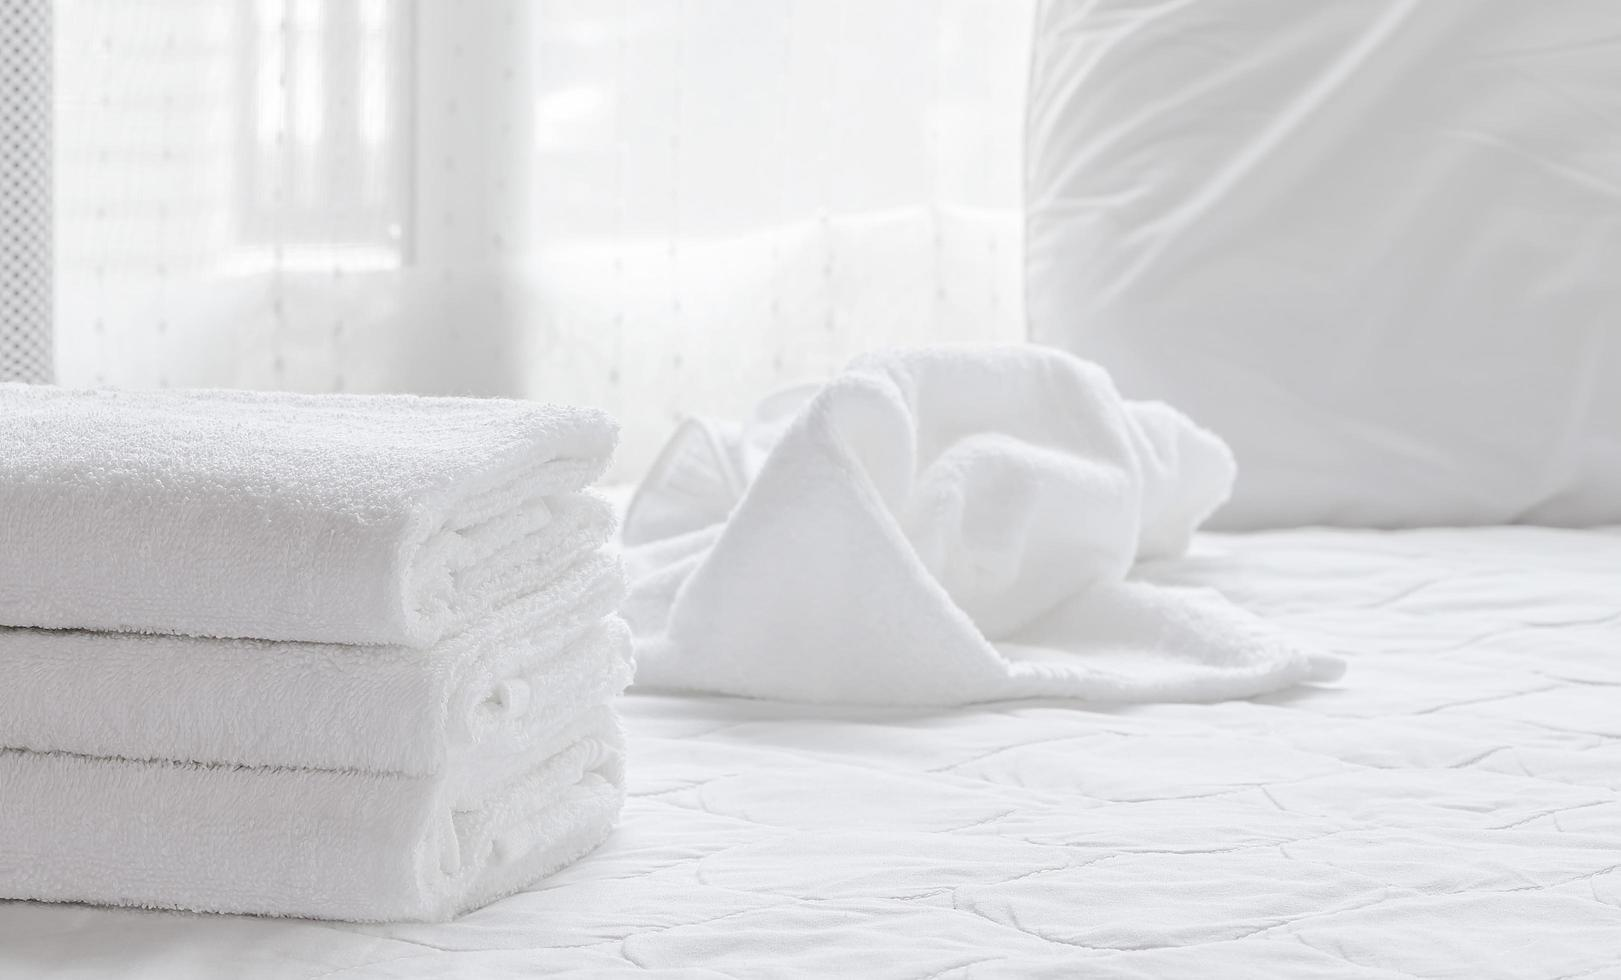 serviettes propres pliées sur un drap blanc photo